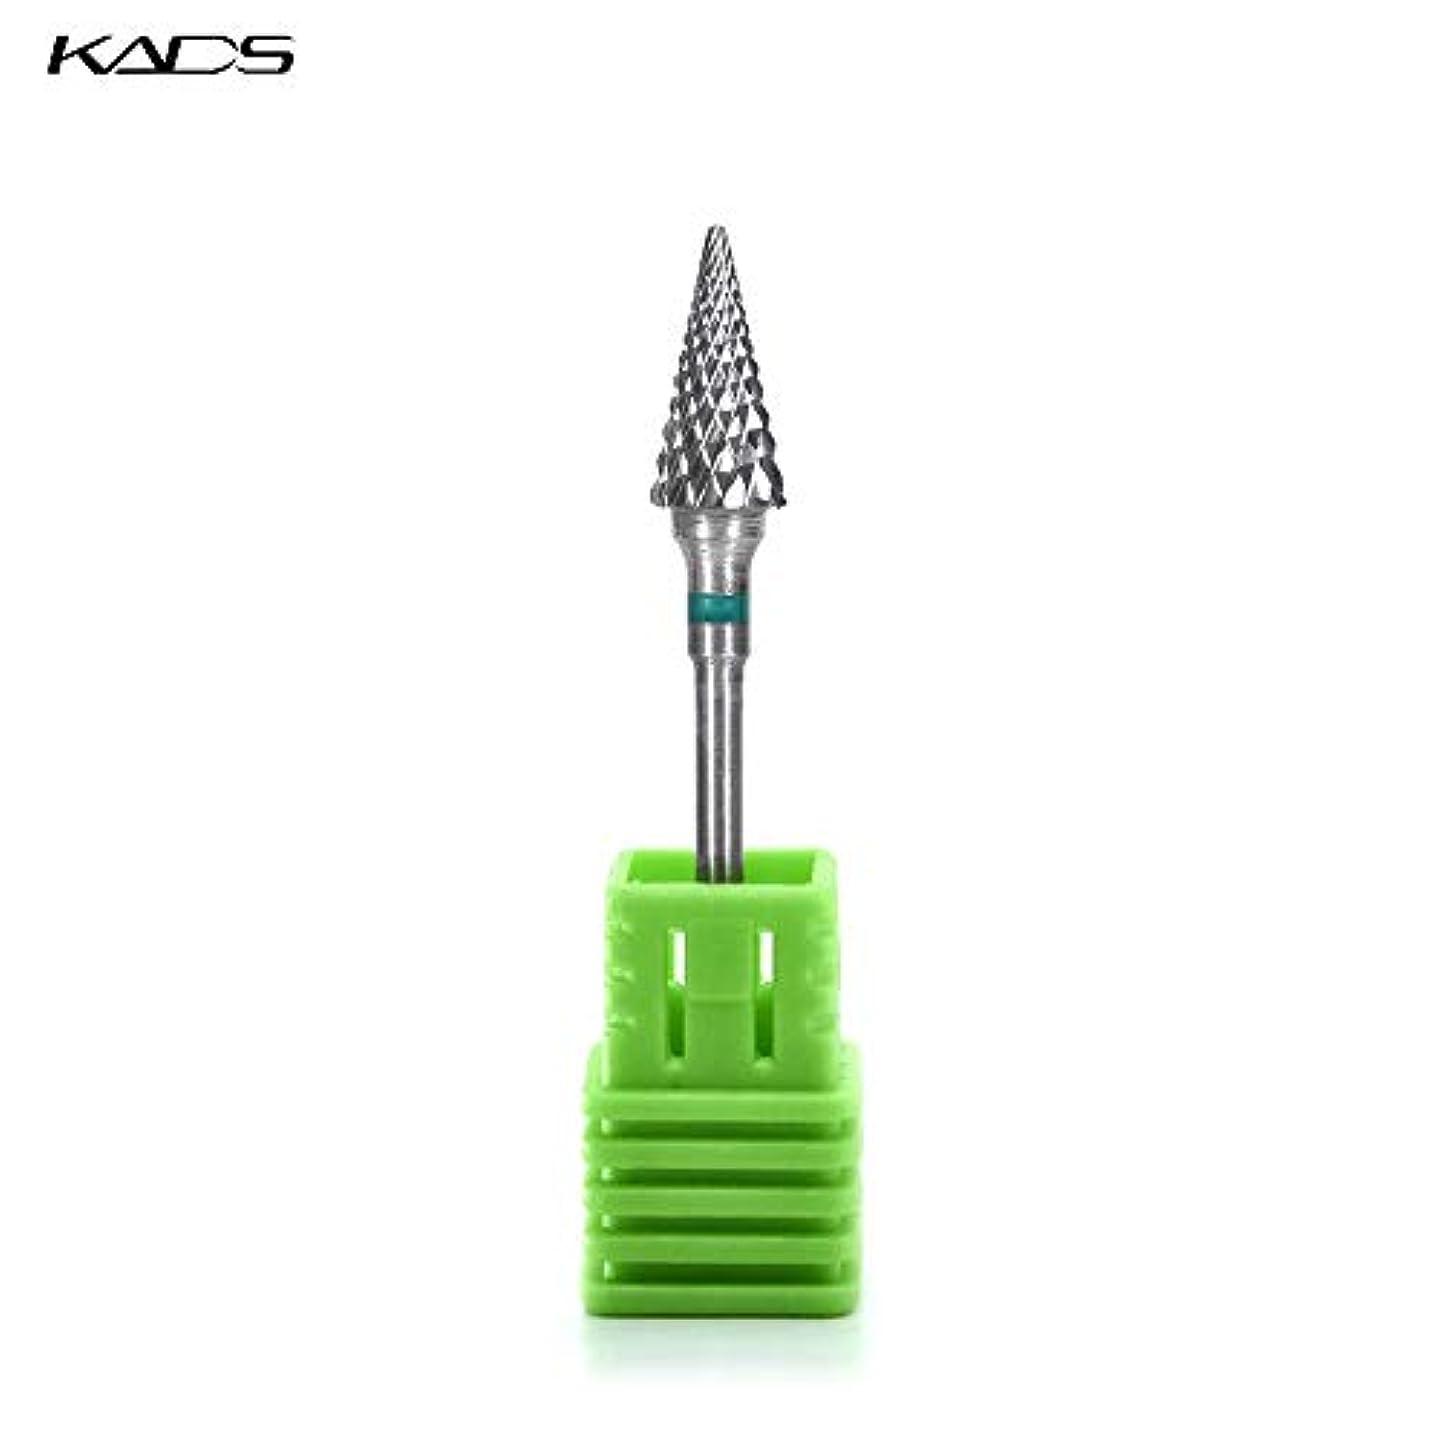 代わりの測定凝縮するKADS ネイルドリルビット 研削ヘッド 研磨ヘッド 耐摩耗性 耐腐食性 高硬度 (C)